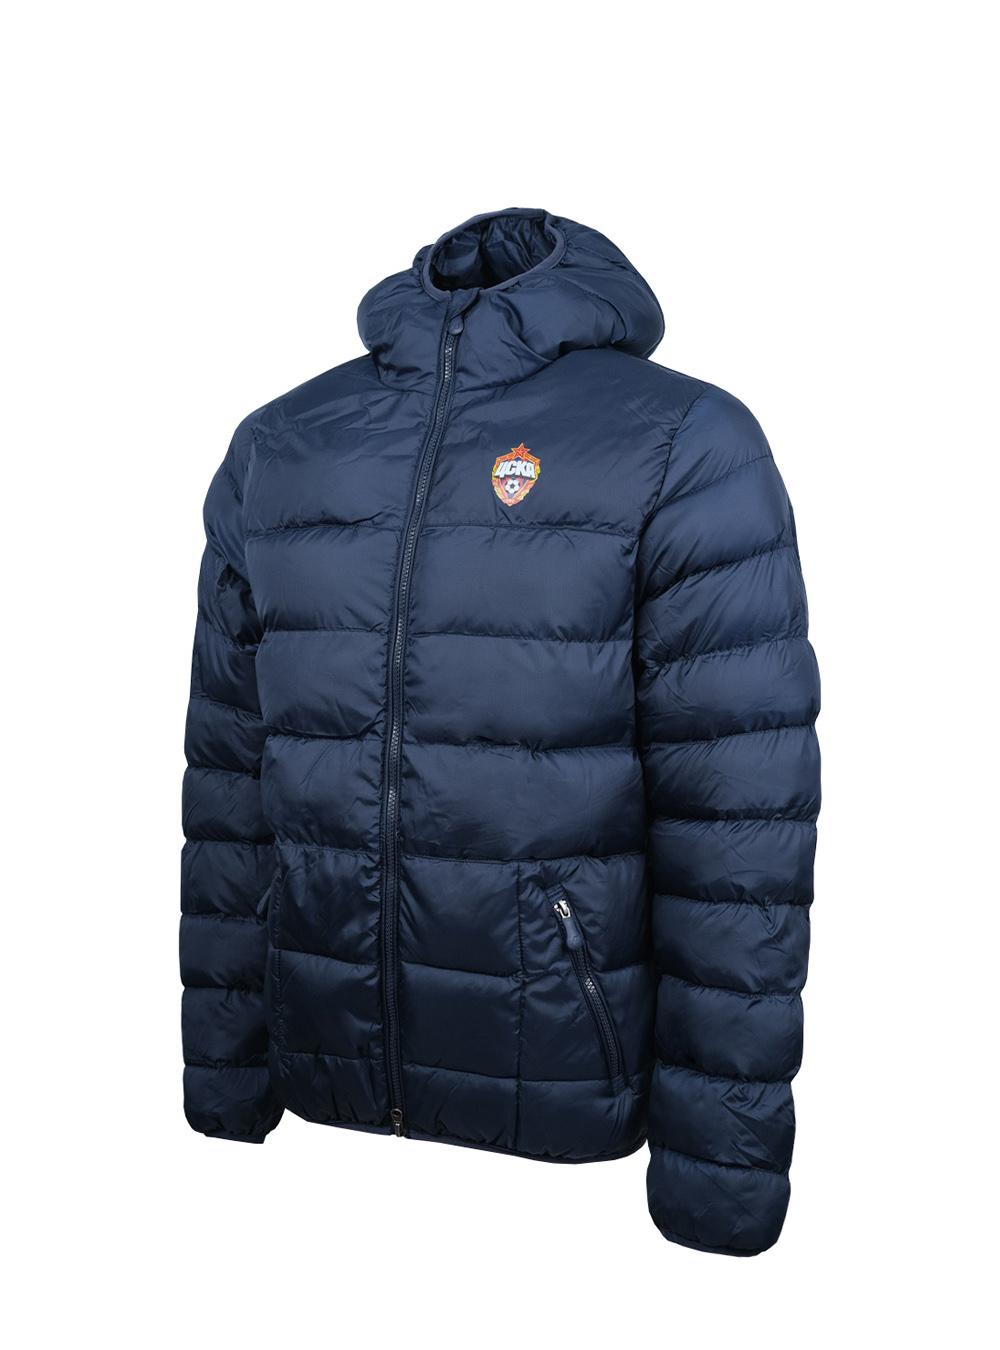 Куртка утеплённая, цвет тёмно-синий (L) фото